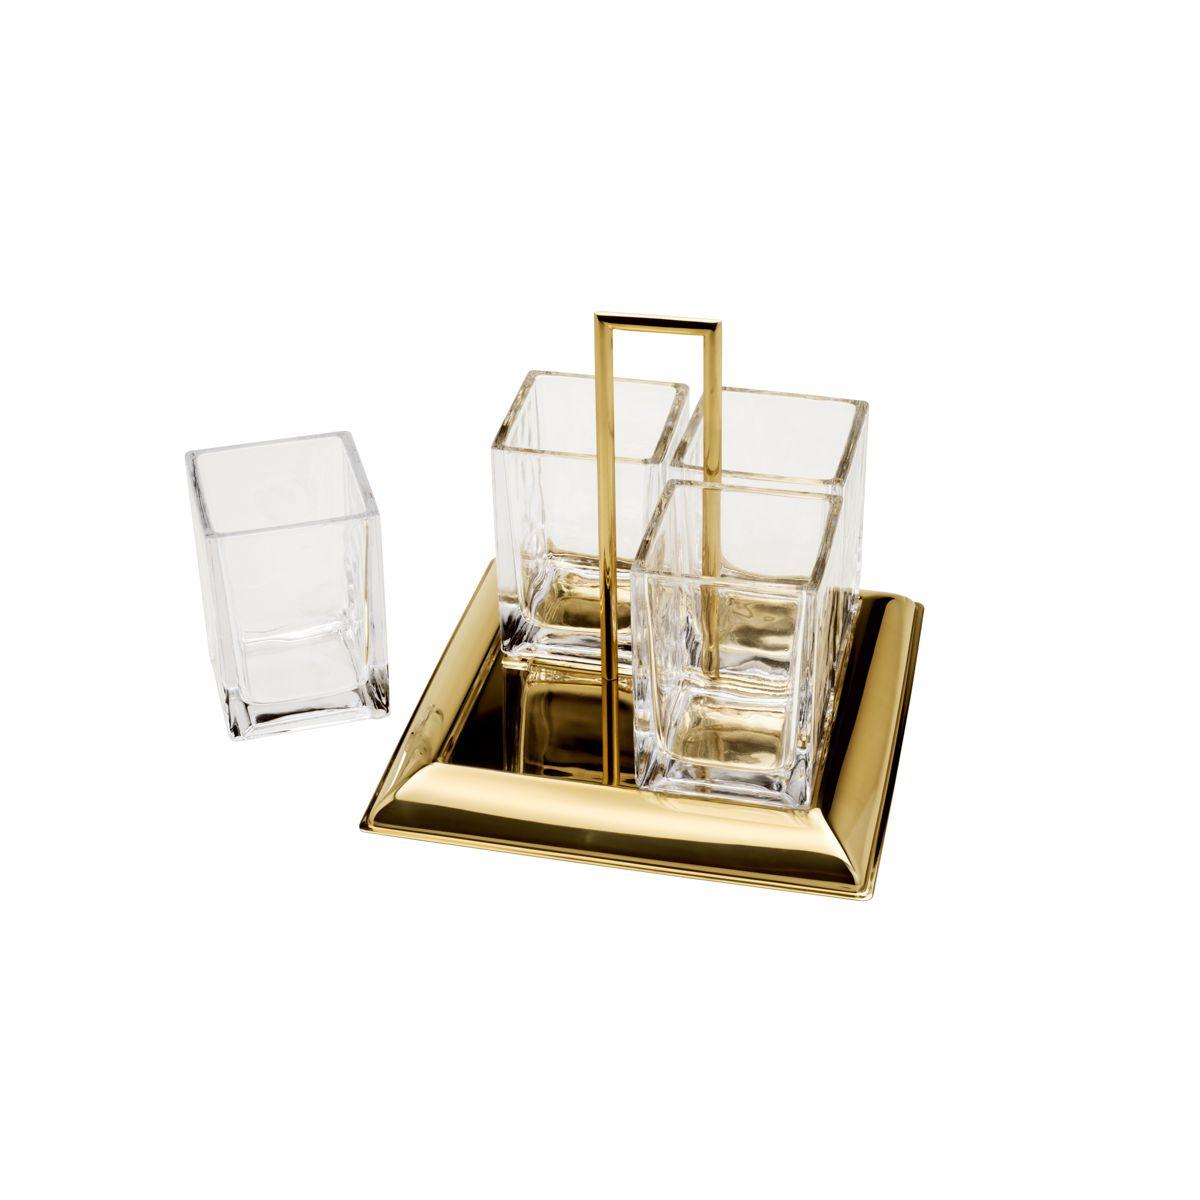 Porta talheres 24 x 22 cm de cristal e aço dourado Torcello Wolff - 87889